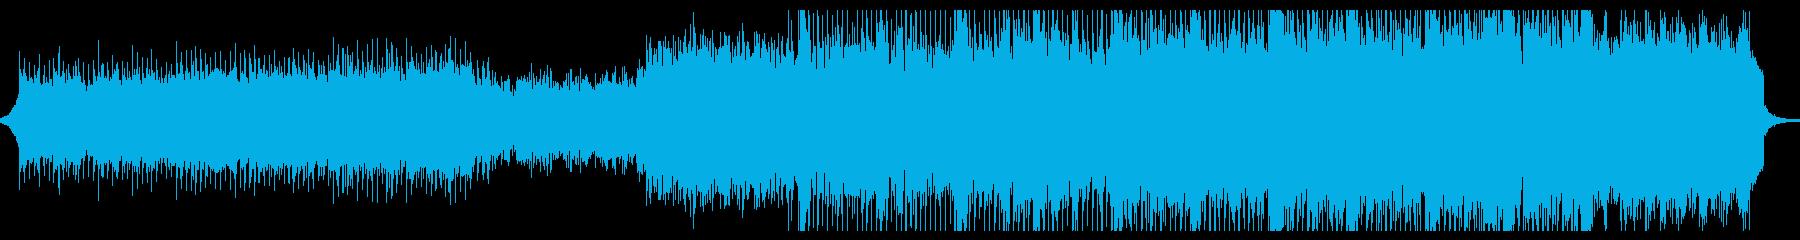 ポップロック アンビエントミュージ...の再生済みの波形